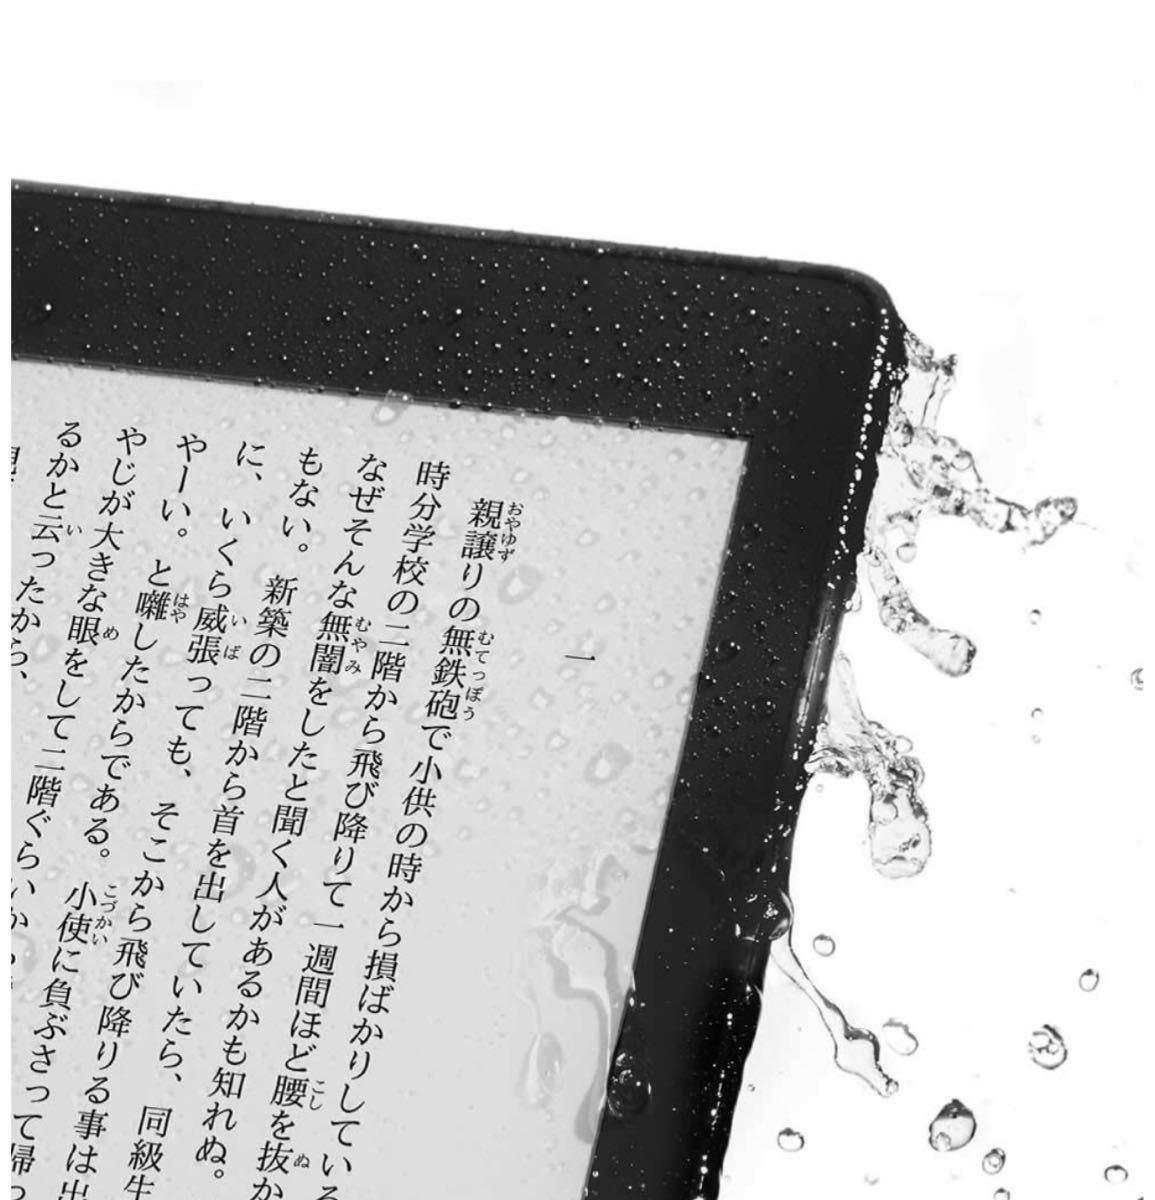 ★新品未開封★Kindle Paperwhite 防水機能搭載 Wi-Fi 8GB 広告つき 電子書籍リーダー キンドル Amazon タブレット_画像4